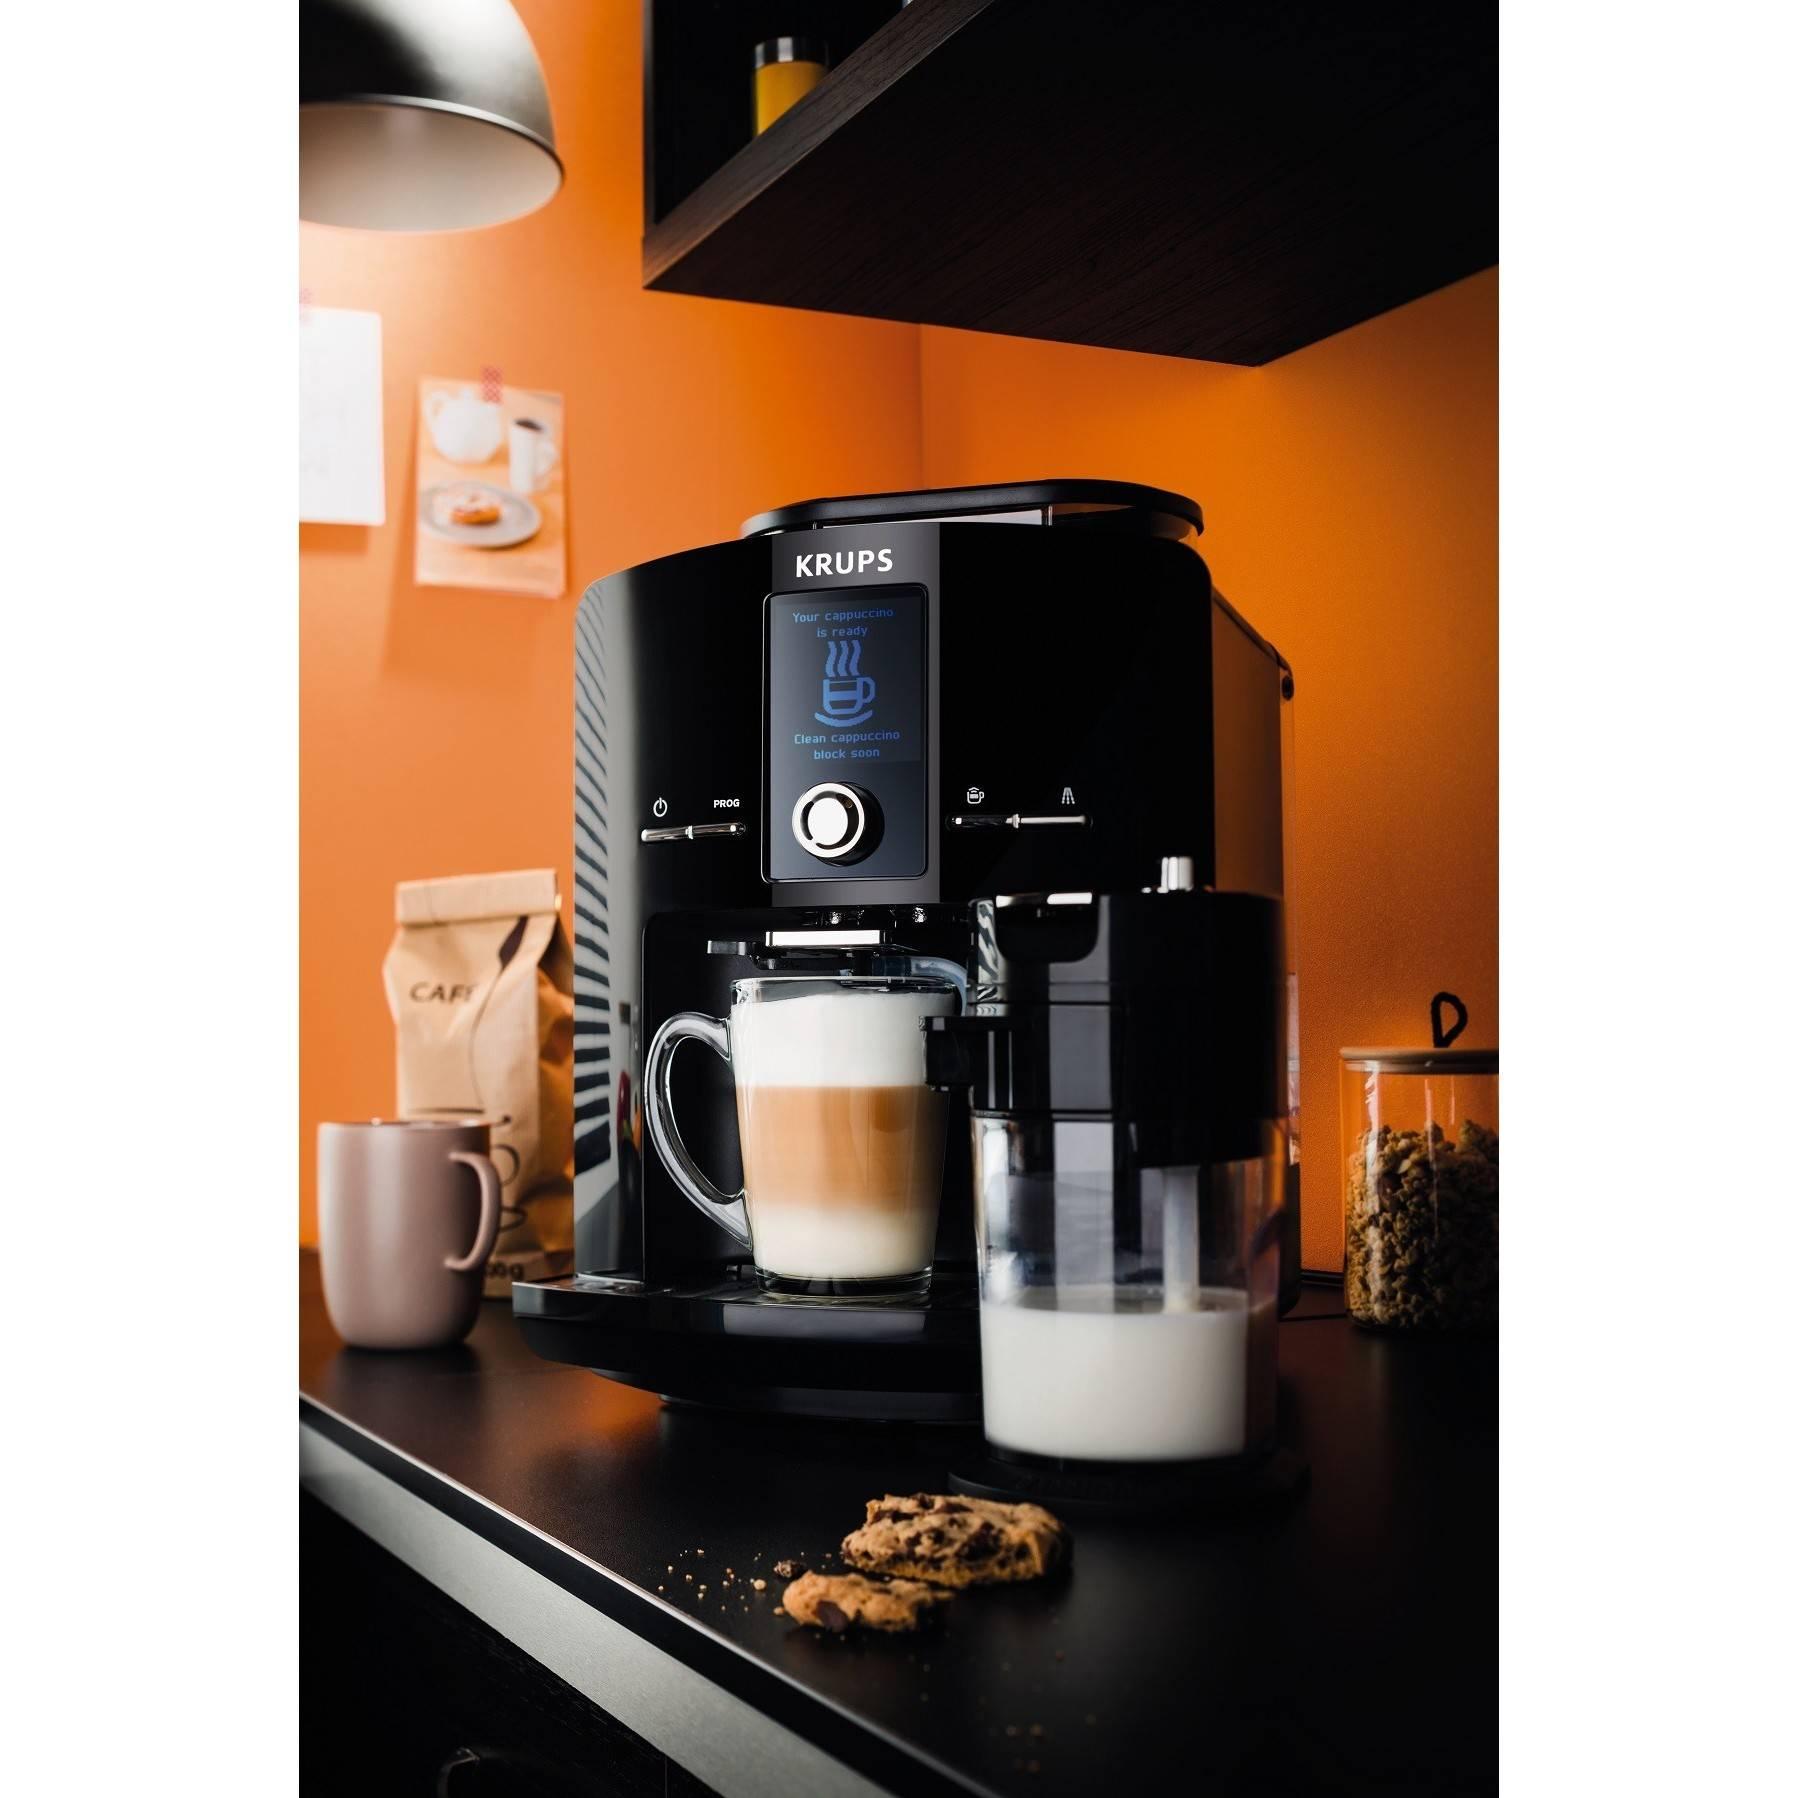 Кофемашины krups: обзор лучших моделей